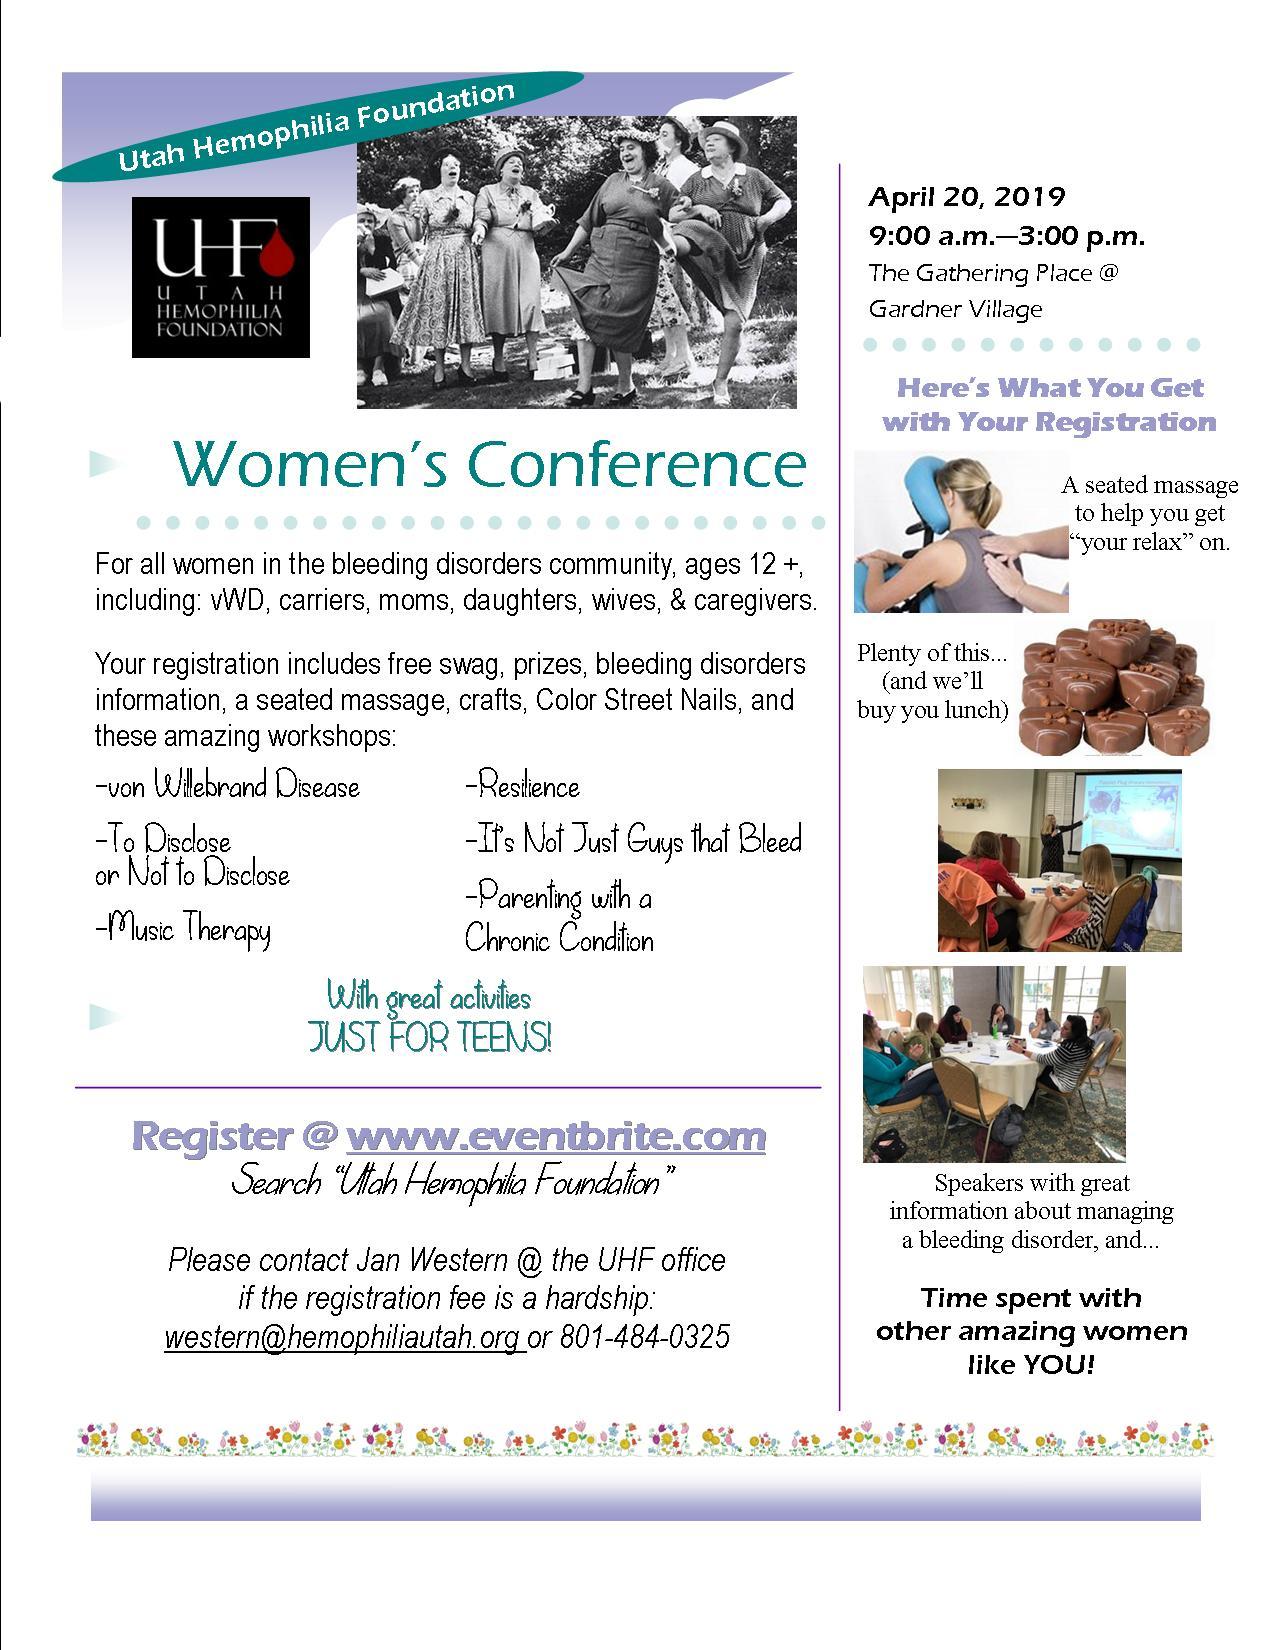 Women's Conference Invite 2.0.jpg